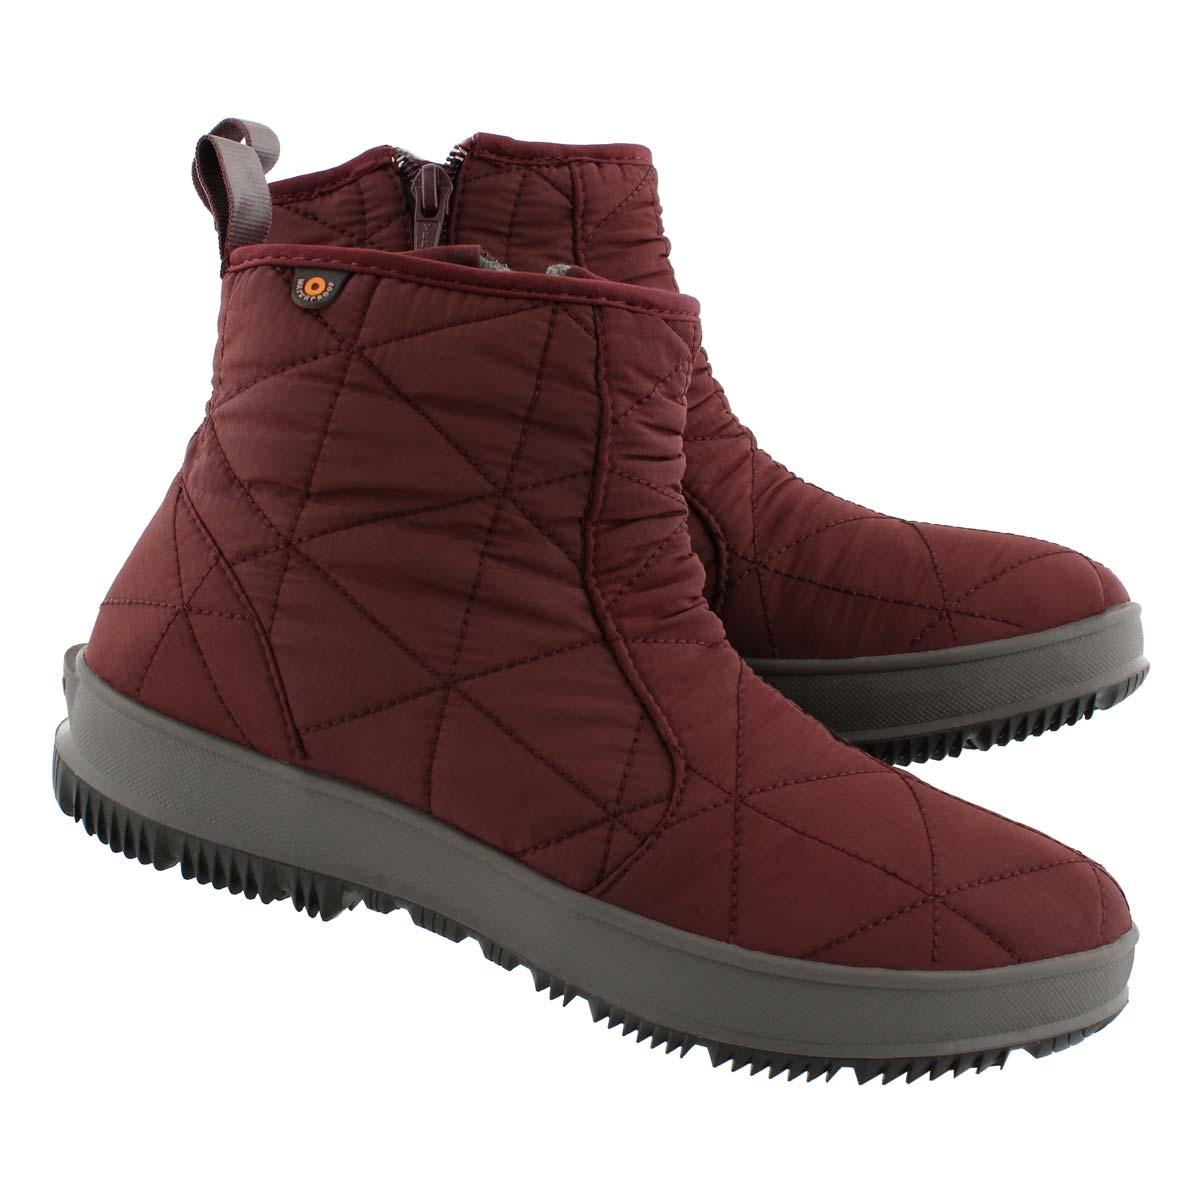 595076fd066 Women | Winter Boots | SoftMoc.com bard